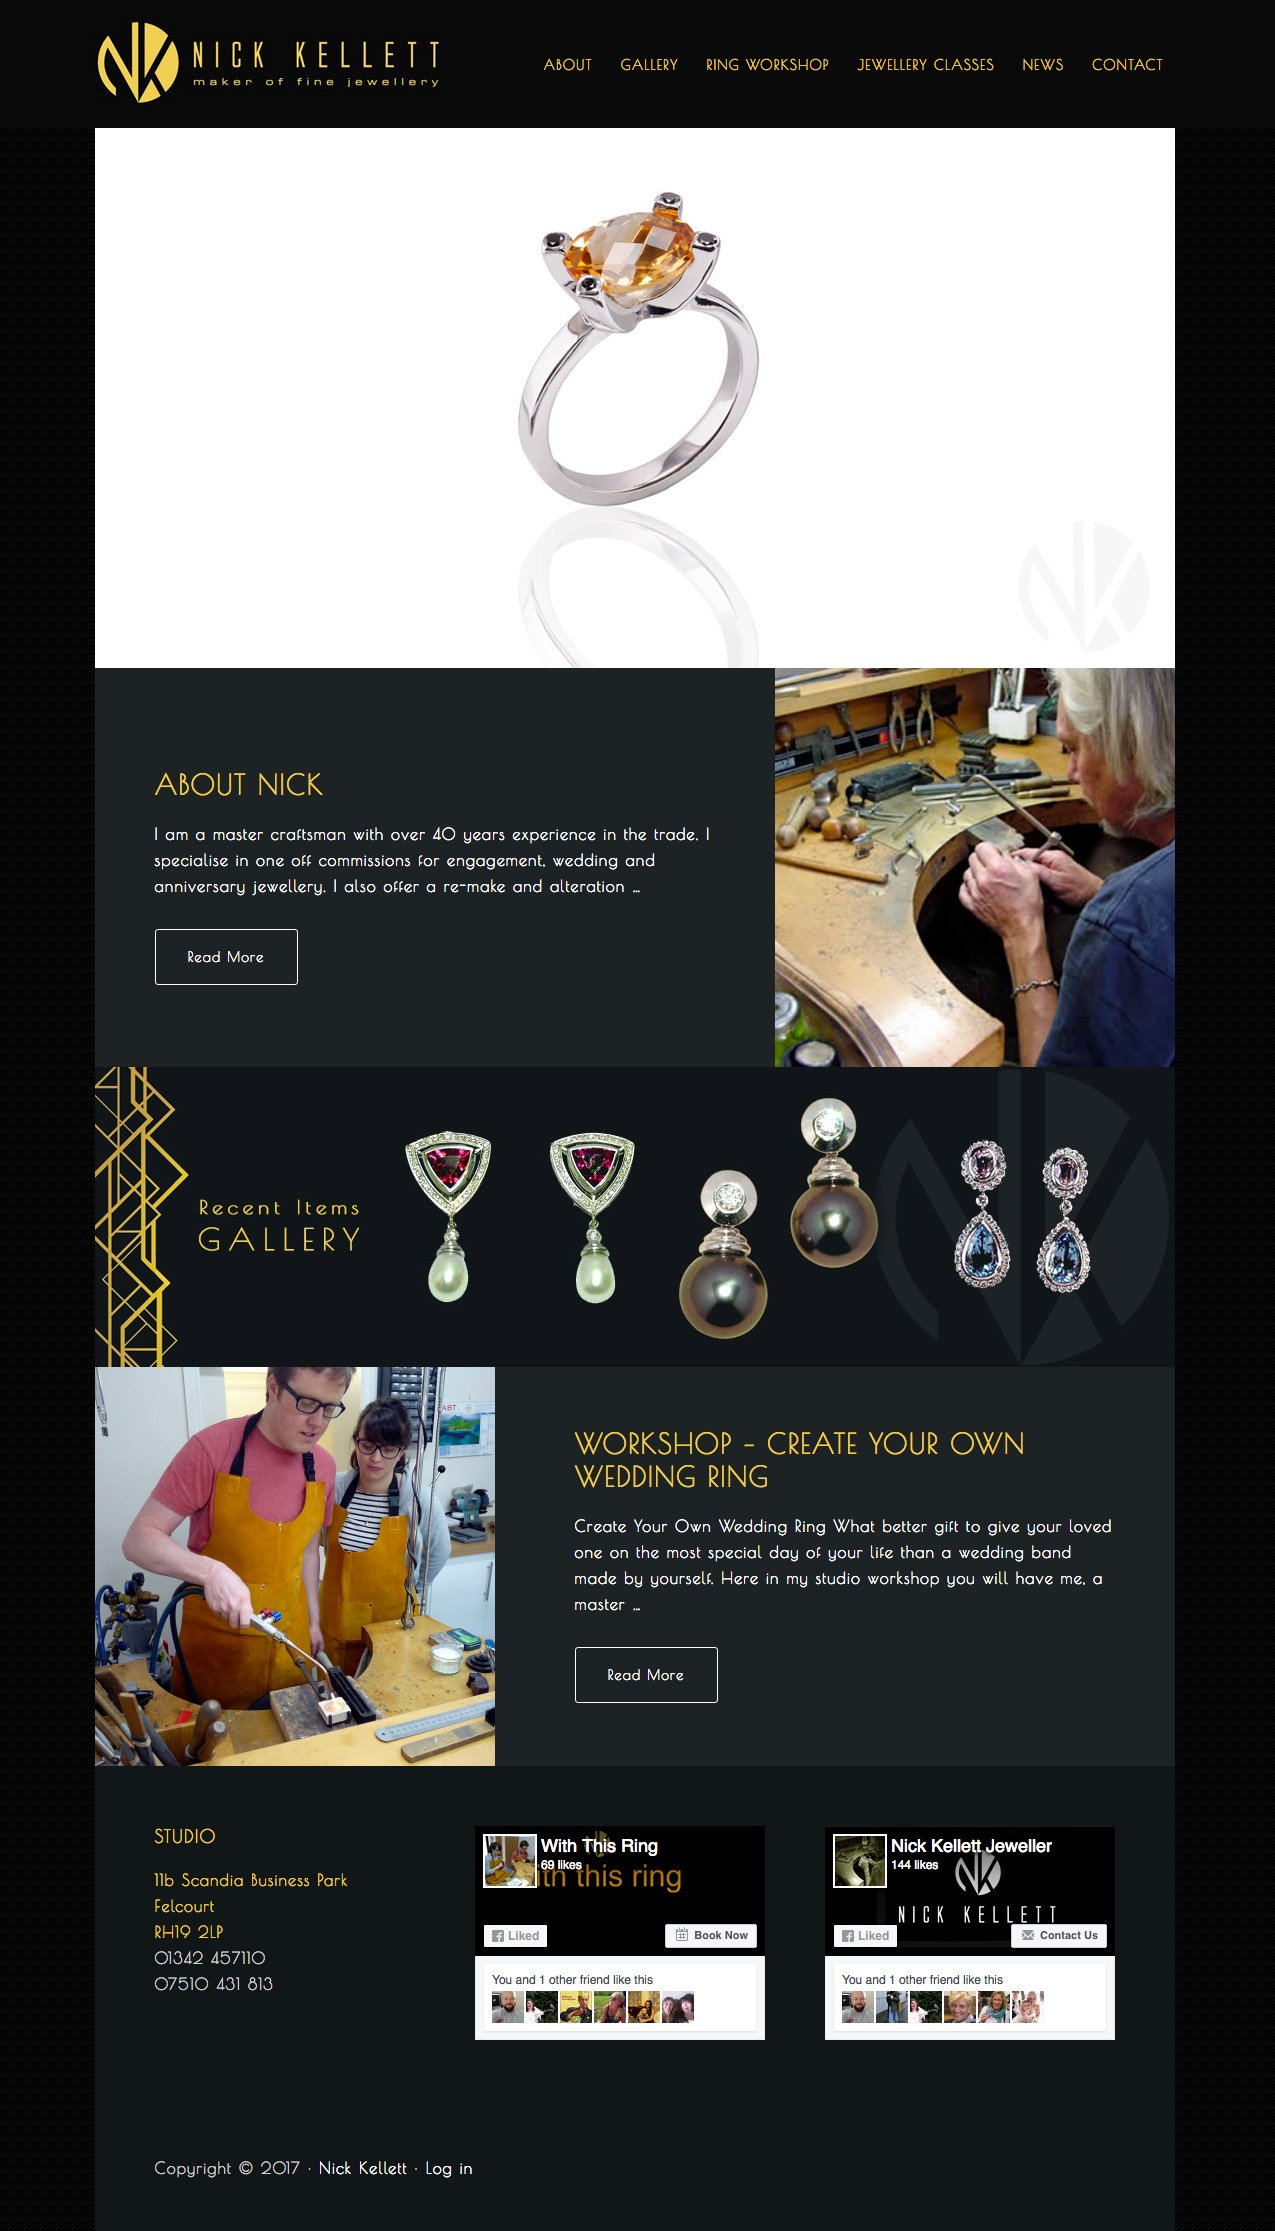 Nick Kellett Jewellery